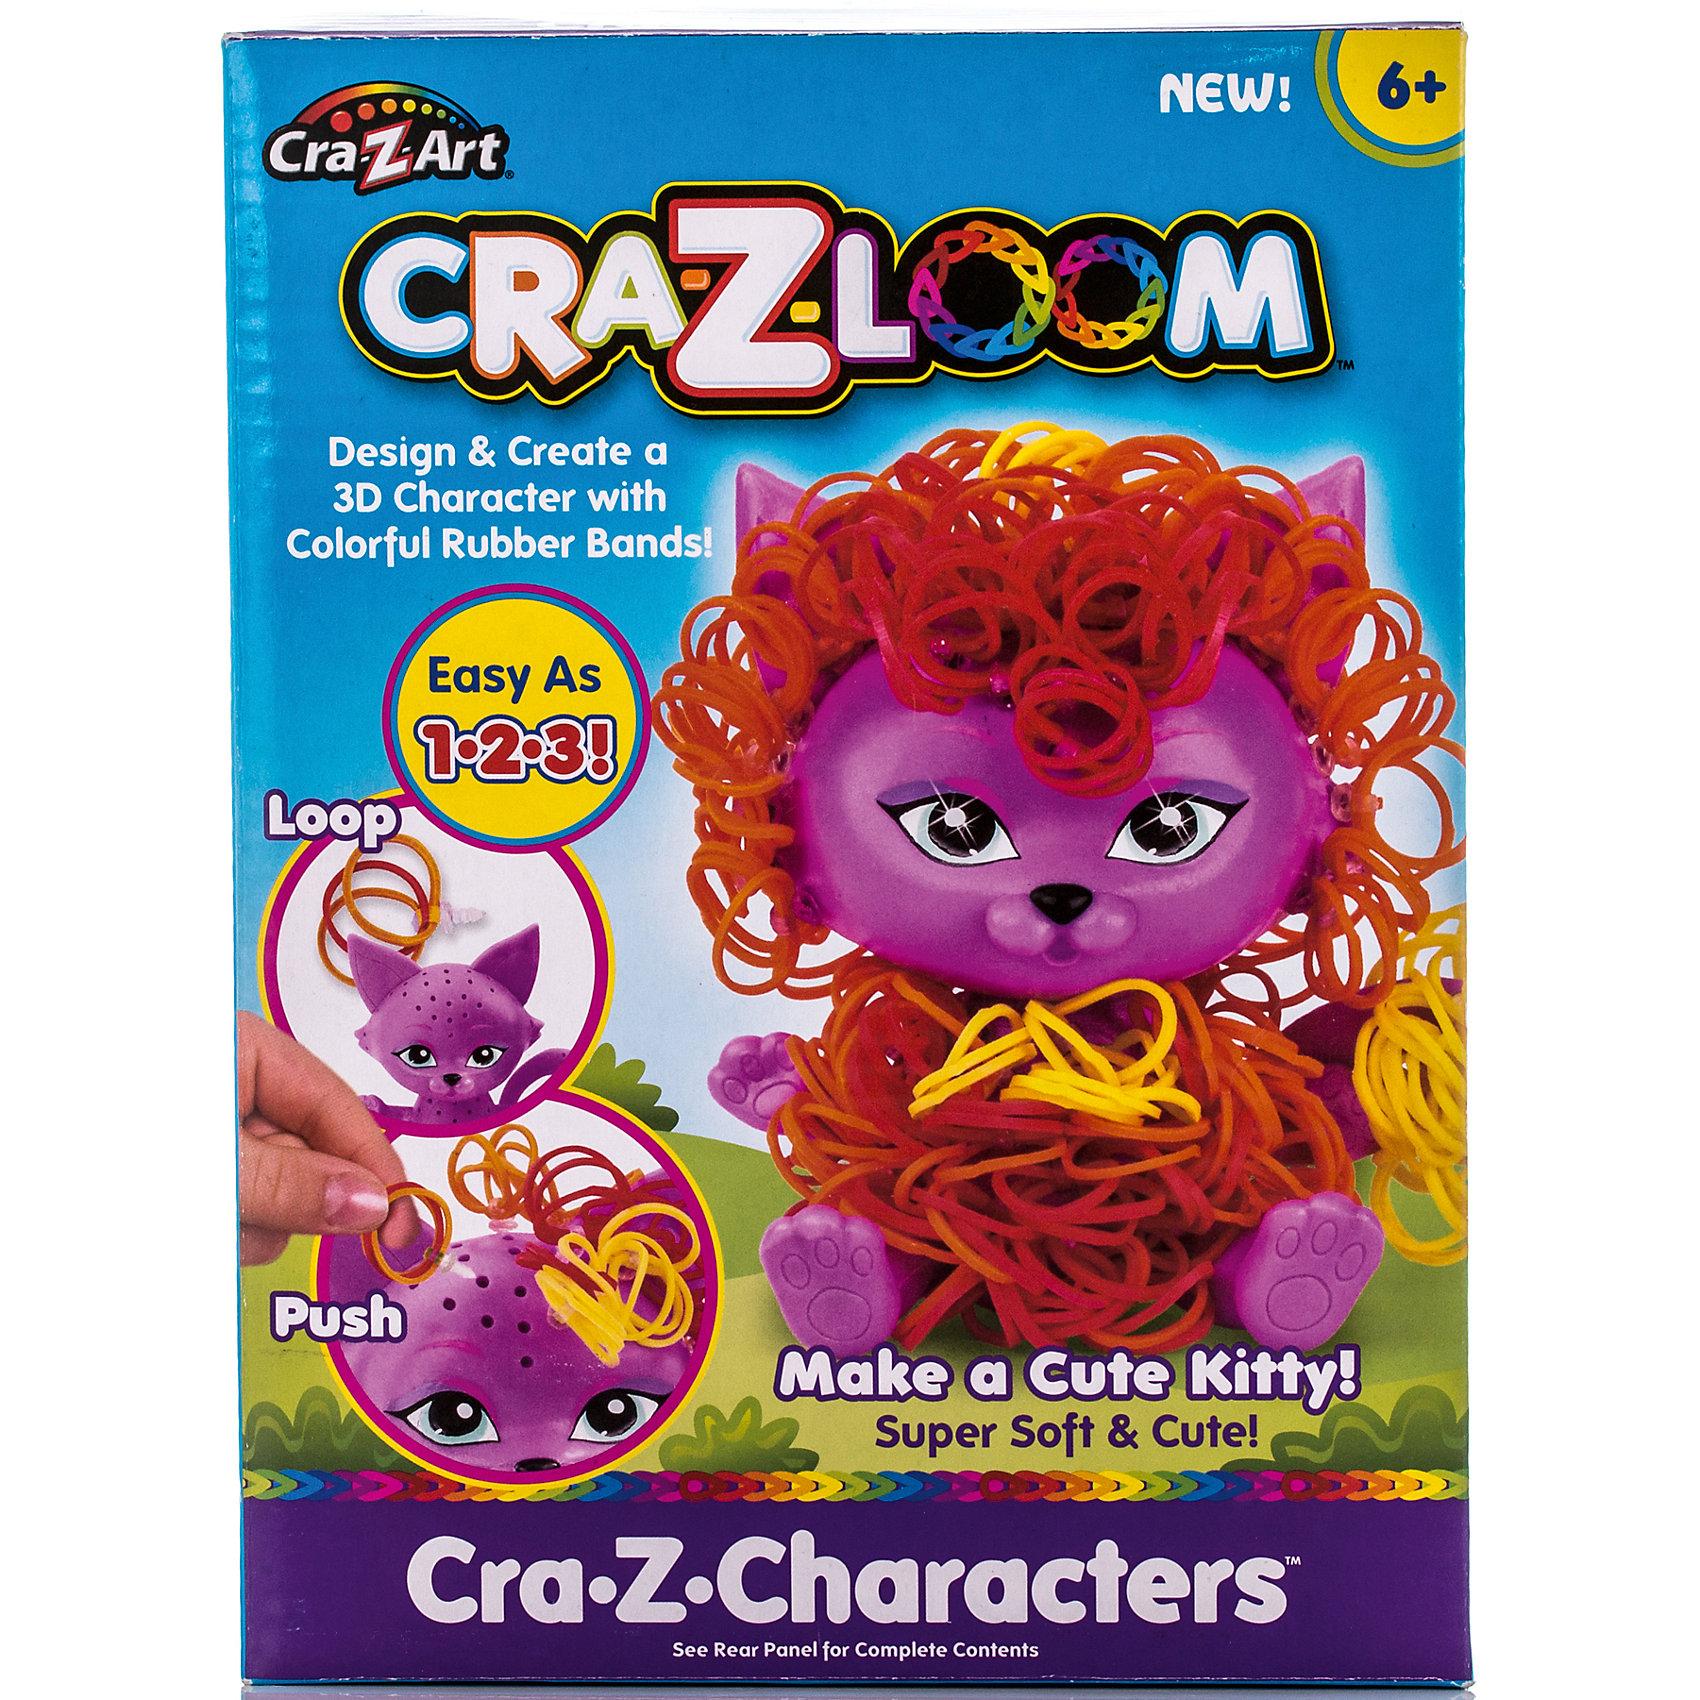 Crazy Loom Набор для плетения из резиночек Котик, Cra-Z-Loom набор для творчества diy резиночки для плетения слоник